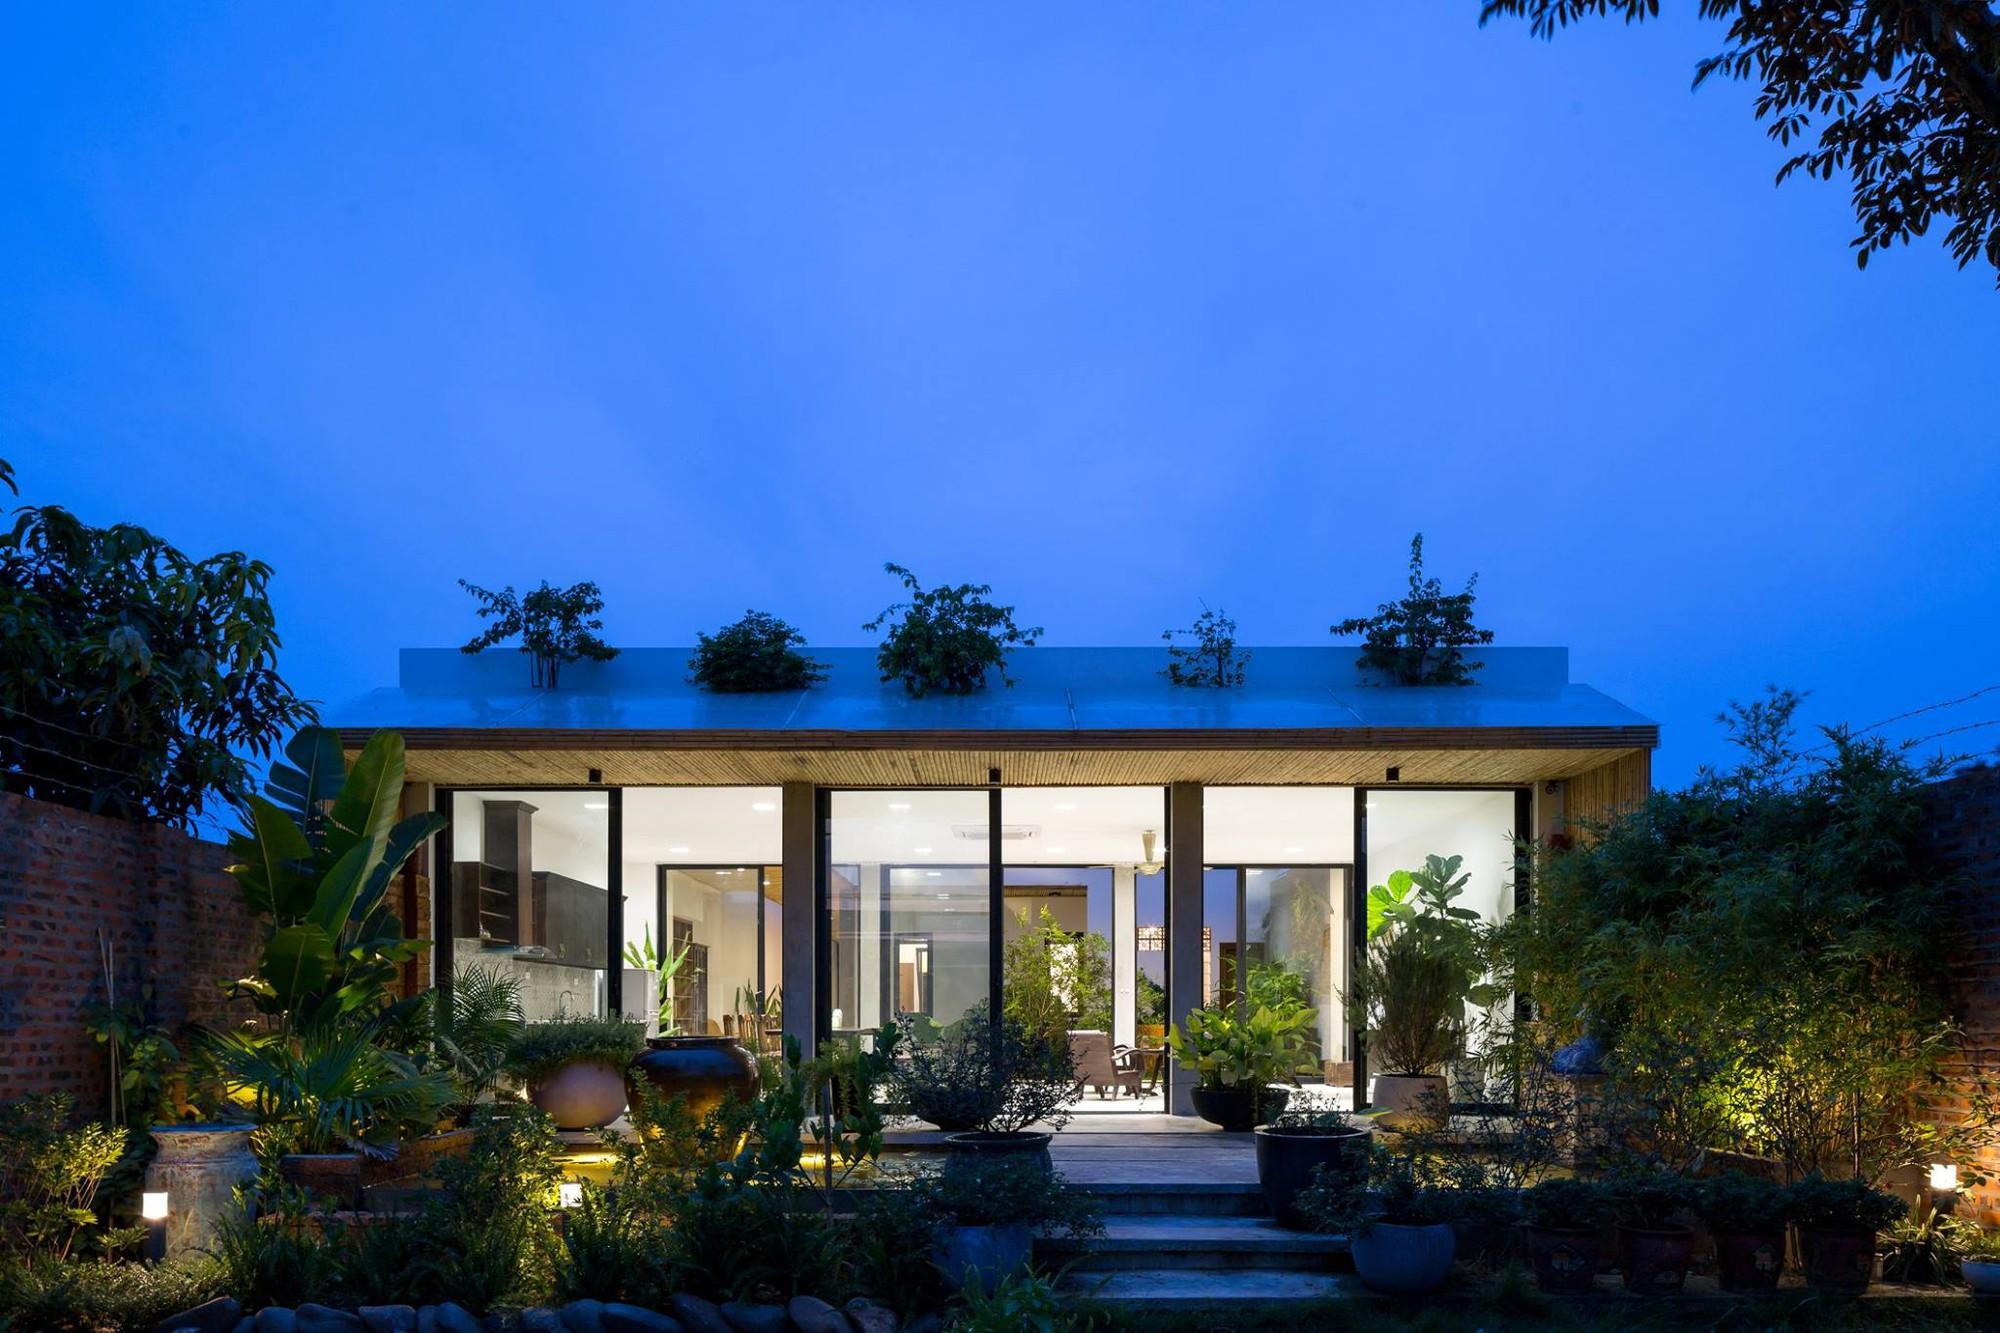 Ngôi nhà cấp 4 chan hòa ánh nắng và cây xanh mang lại vẻ yên bình đến khó tin ở Hà Nội - Ảnh 2.